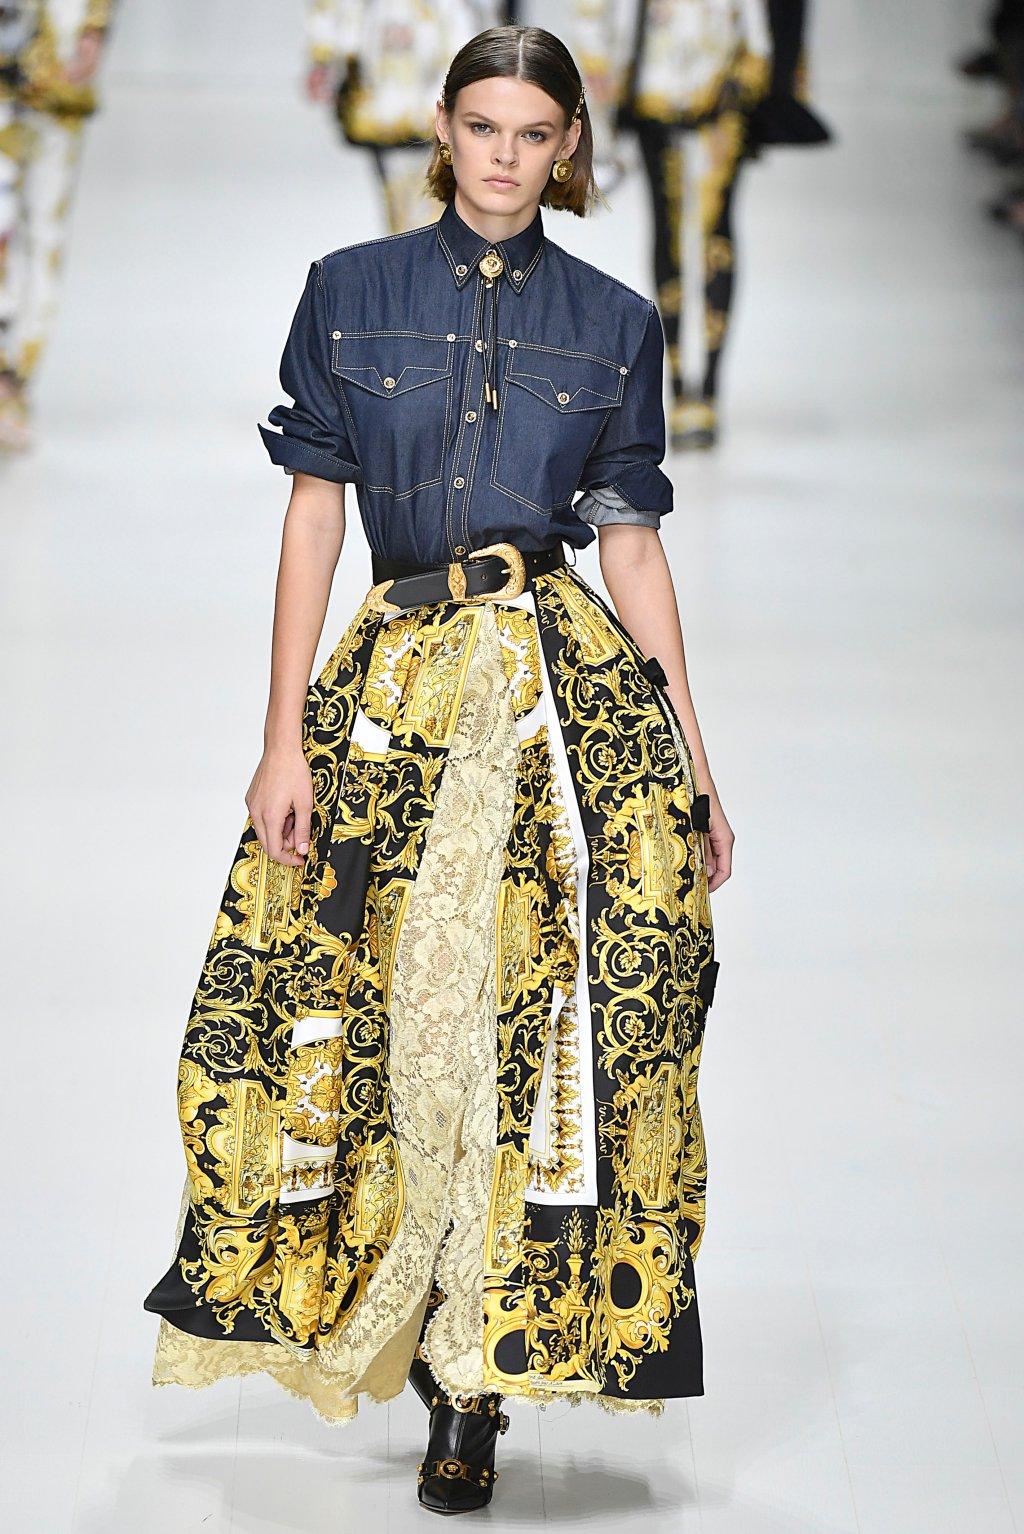 Versace - Runway - Milan Fashion Week Spring/Summer 2018